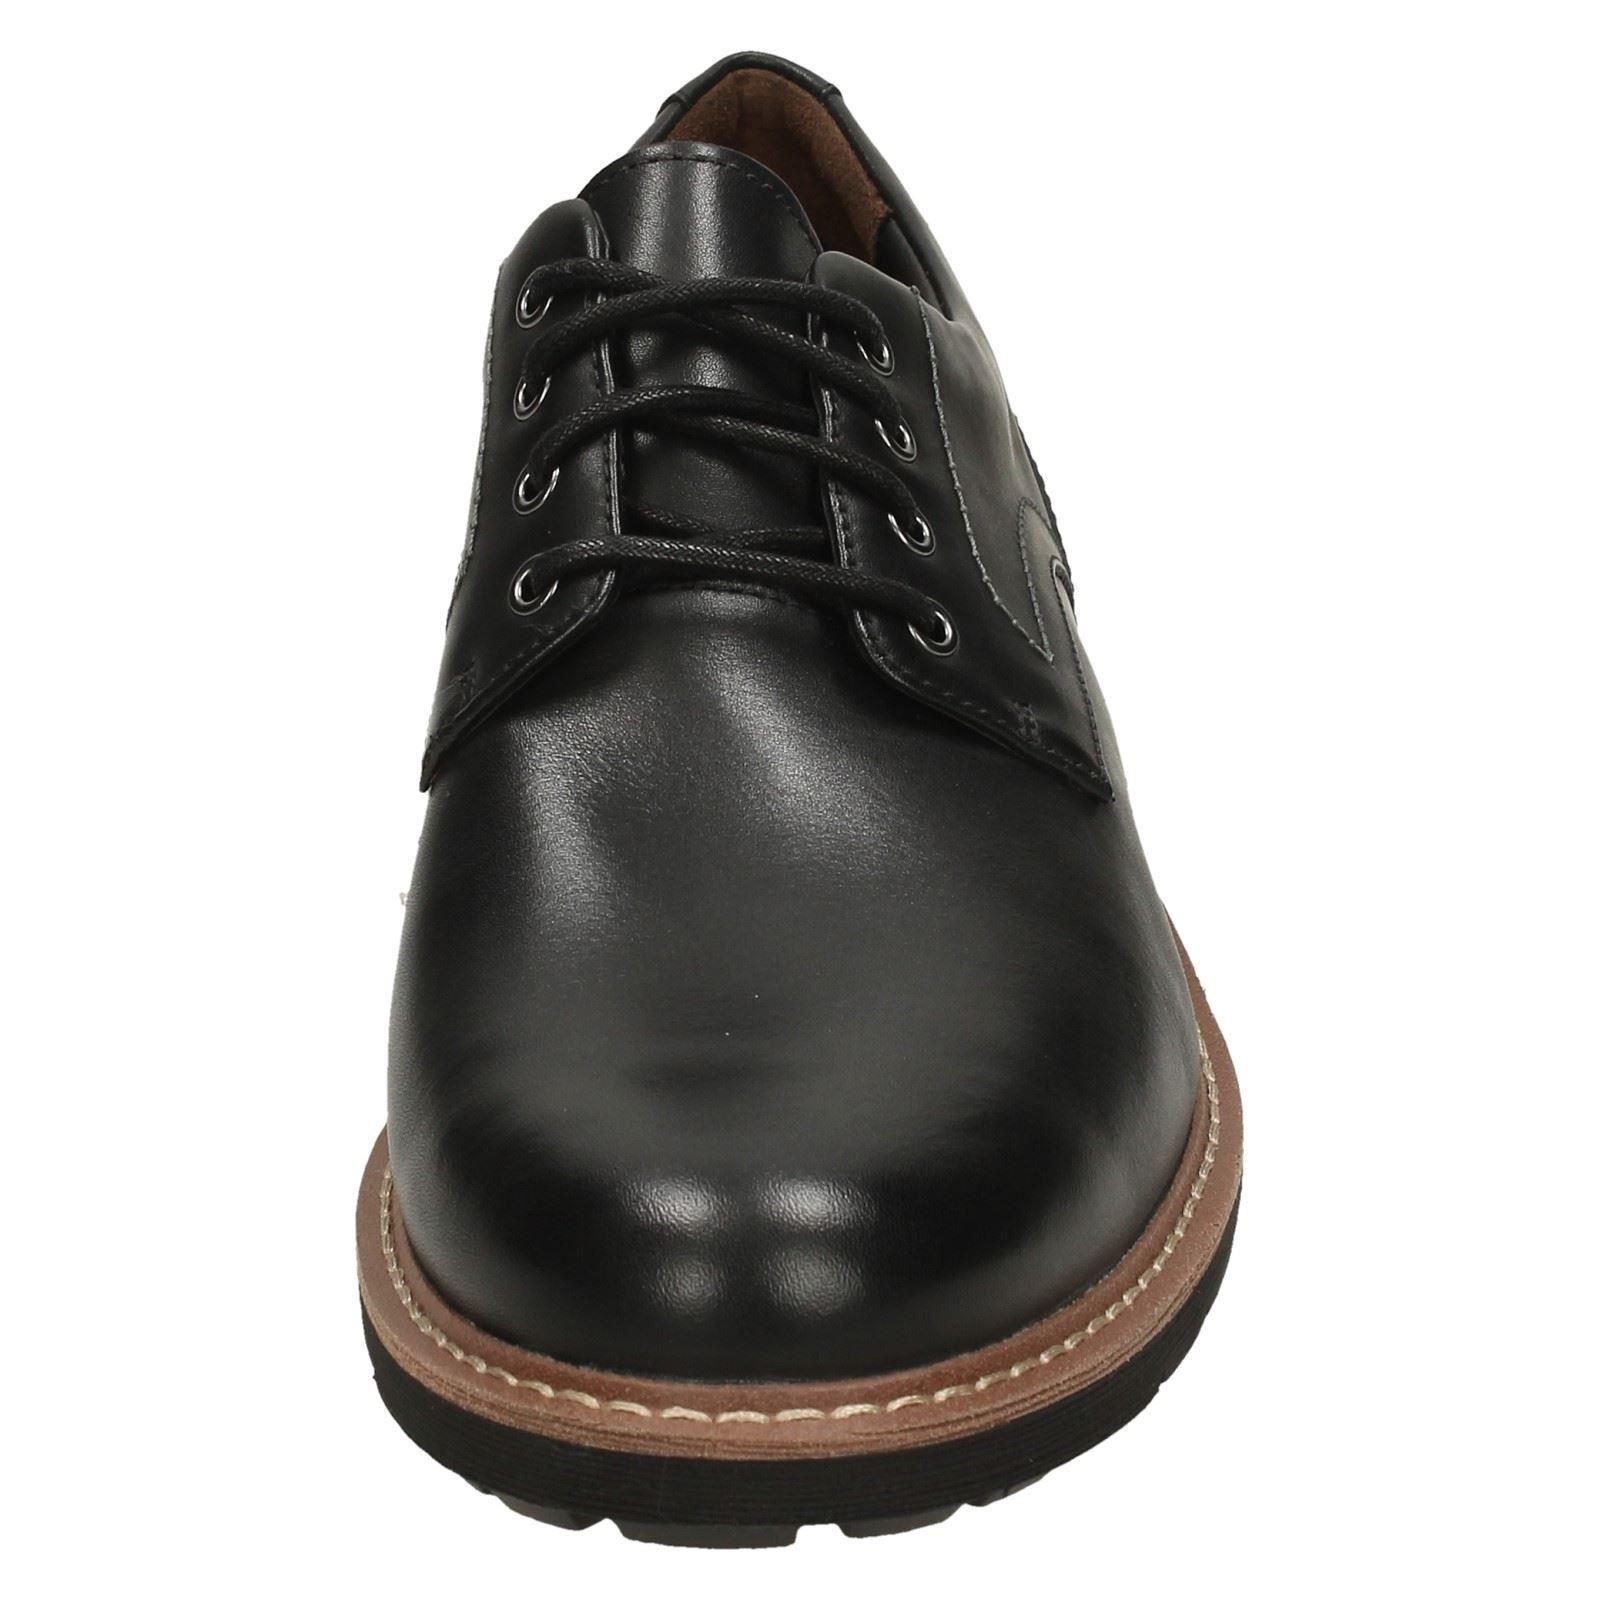 rksmens Clarks Intelligente Spitzen sich Schuhe 'batcombe Hall' schwarz